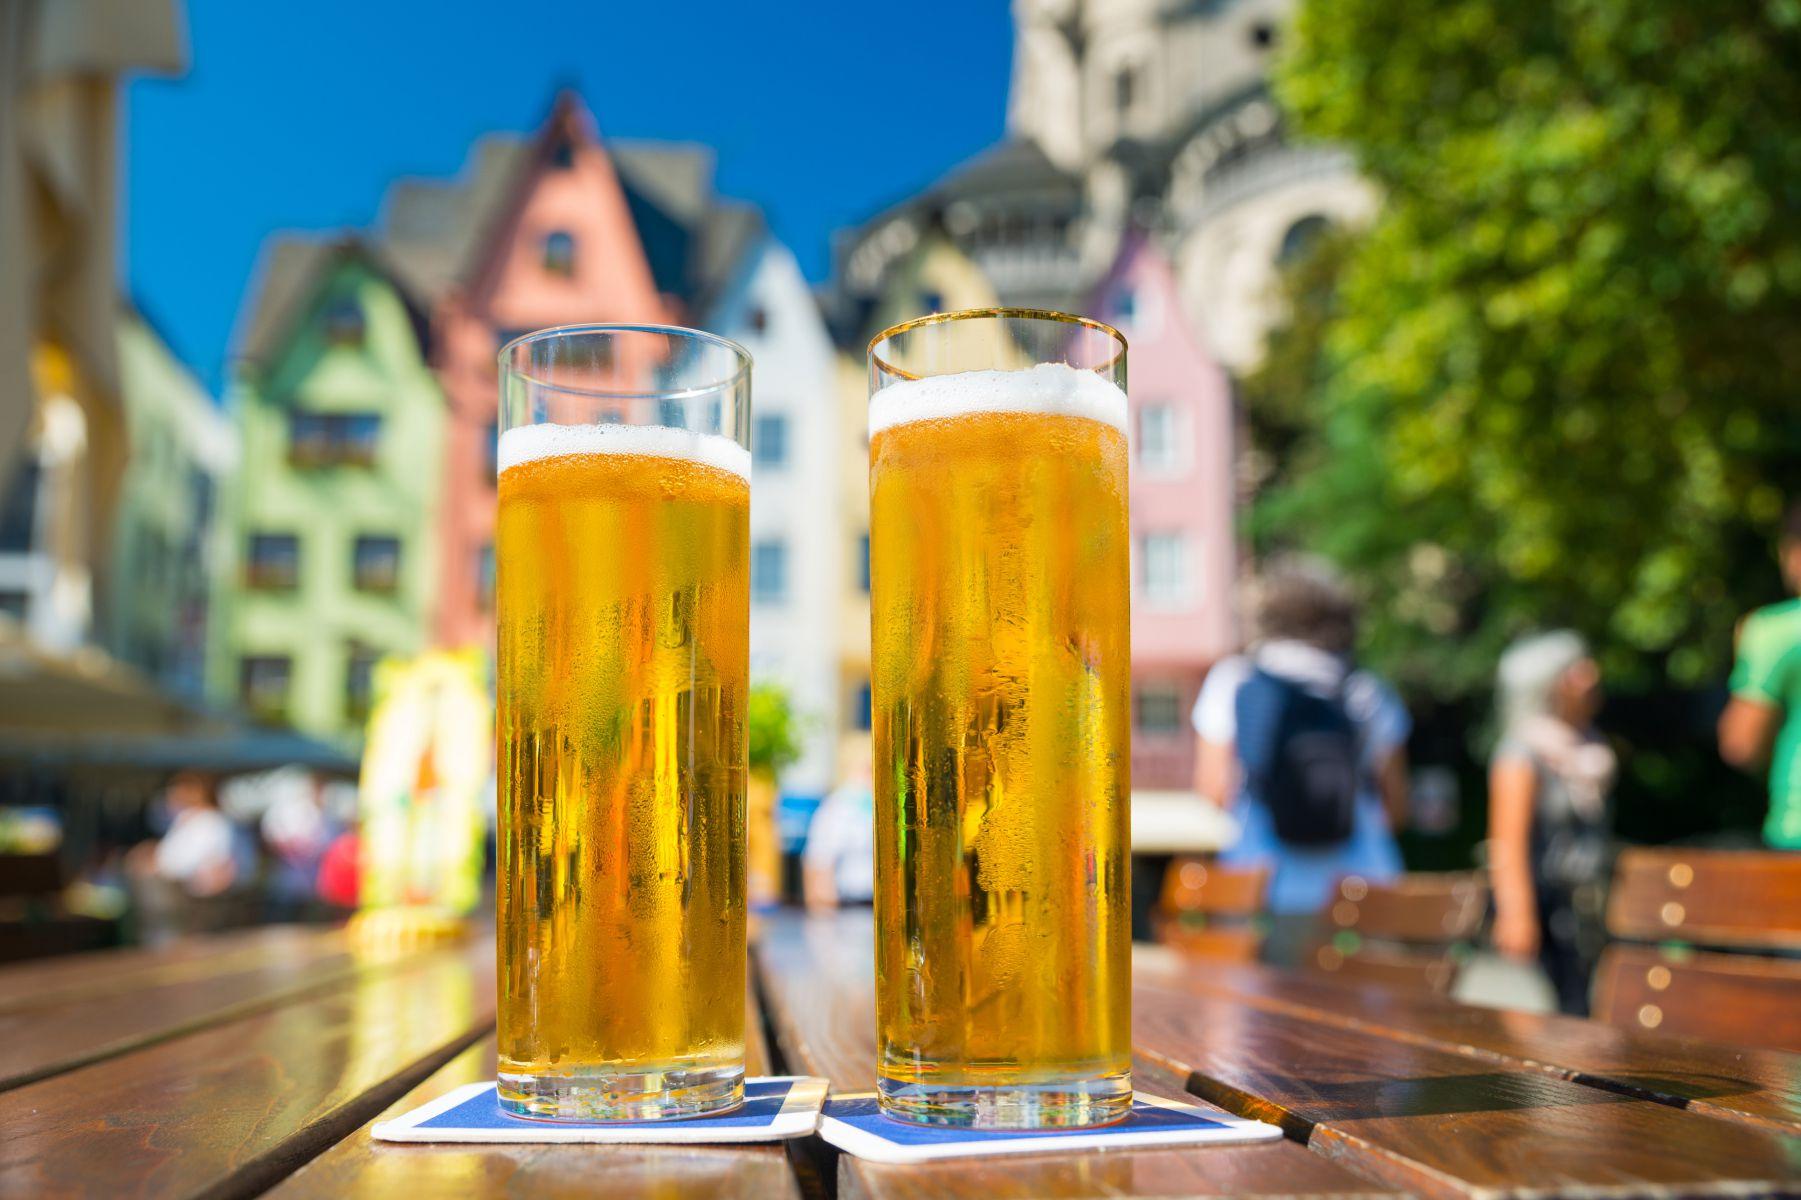 Foto van bier uit Keulen Beeld: jotily (iStock)